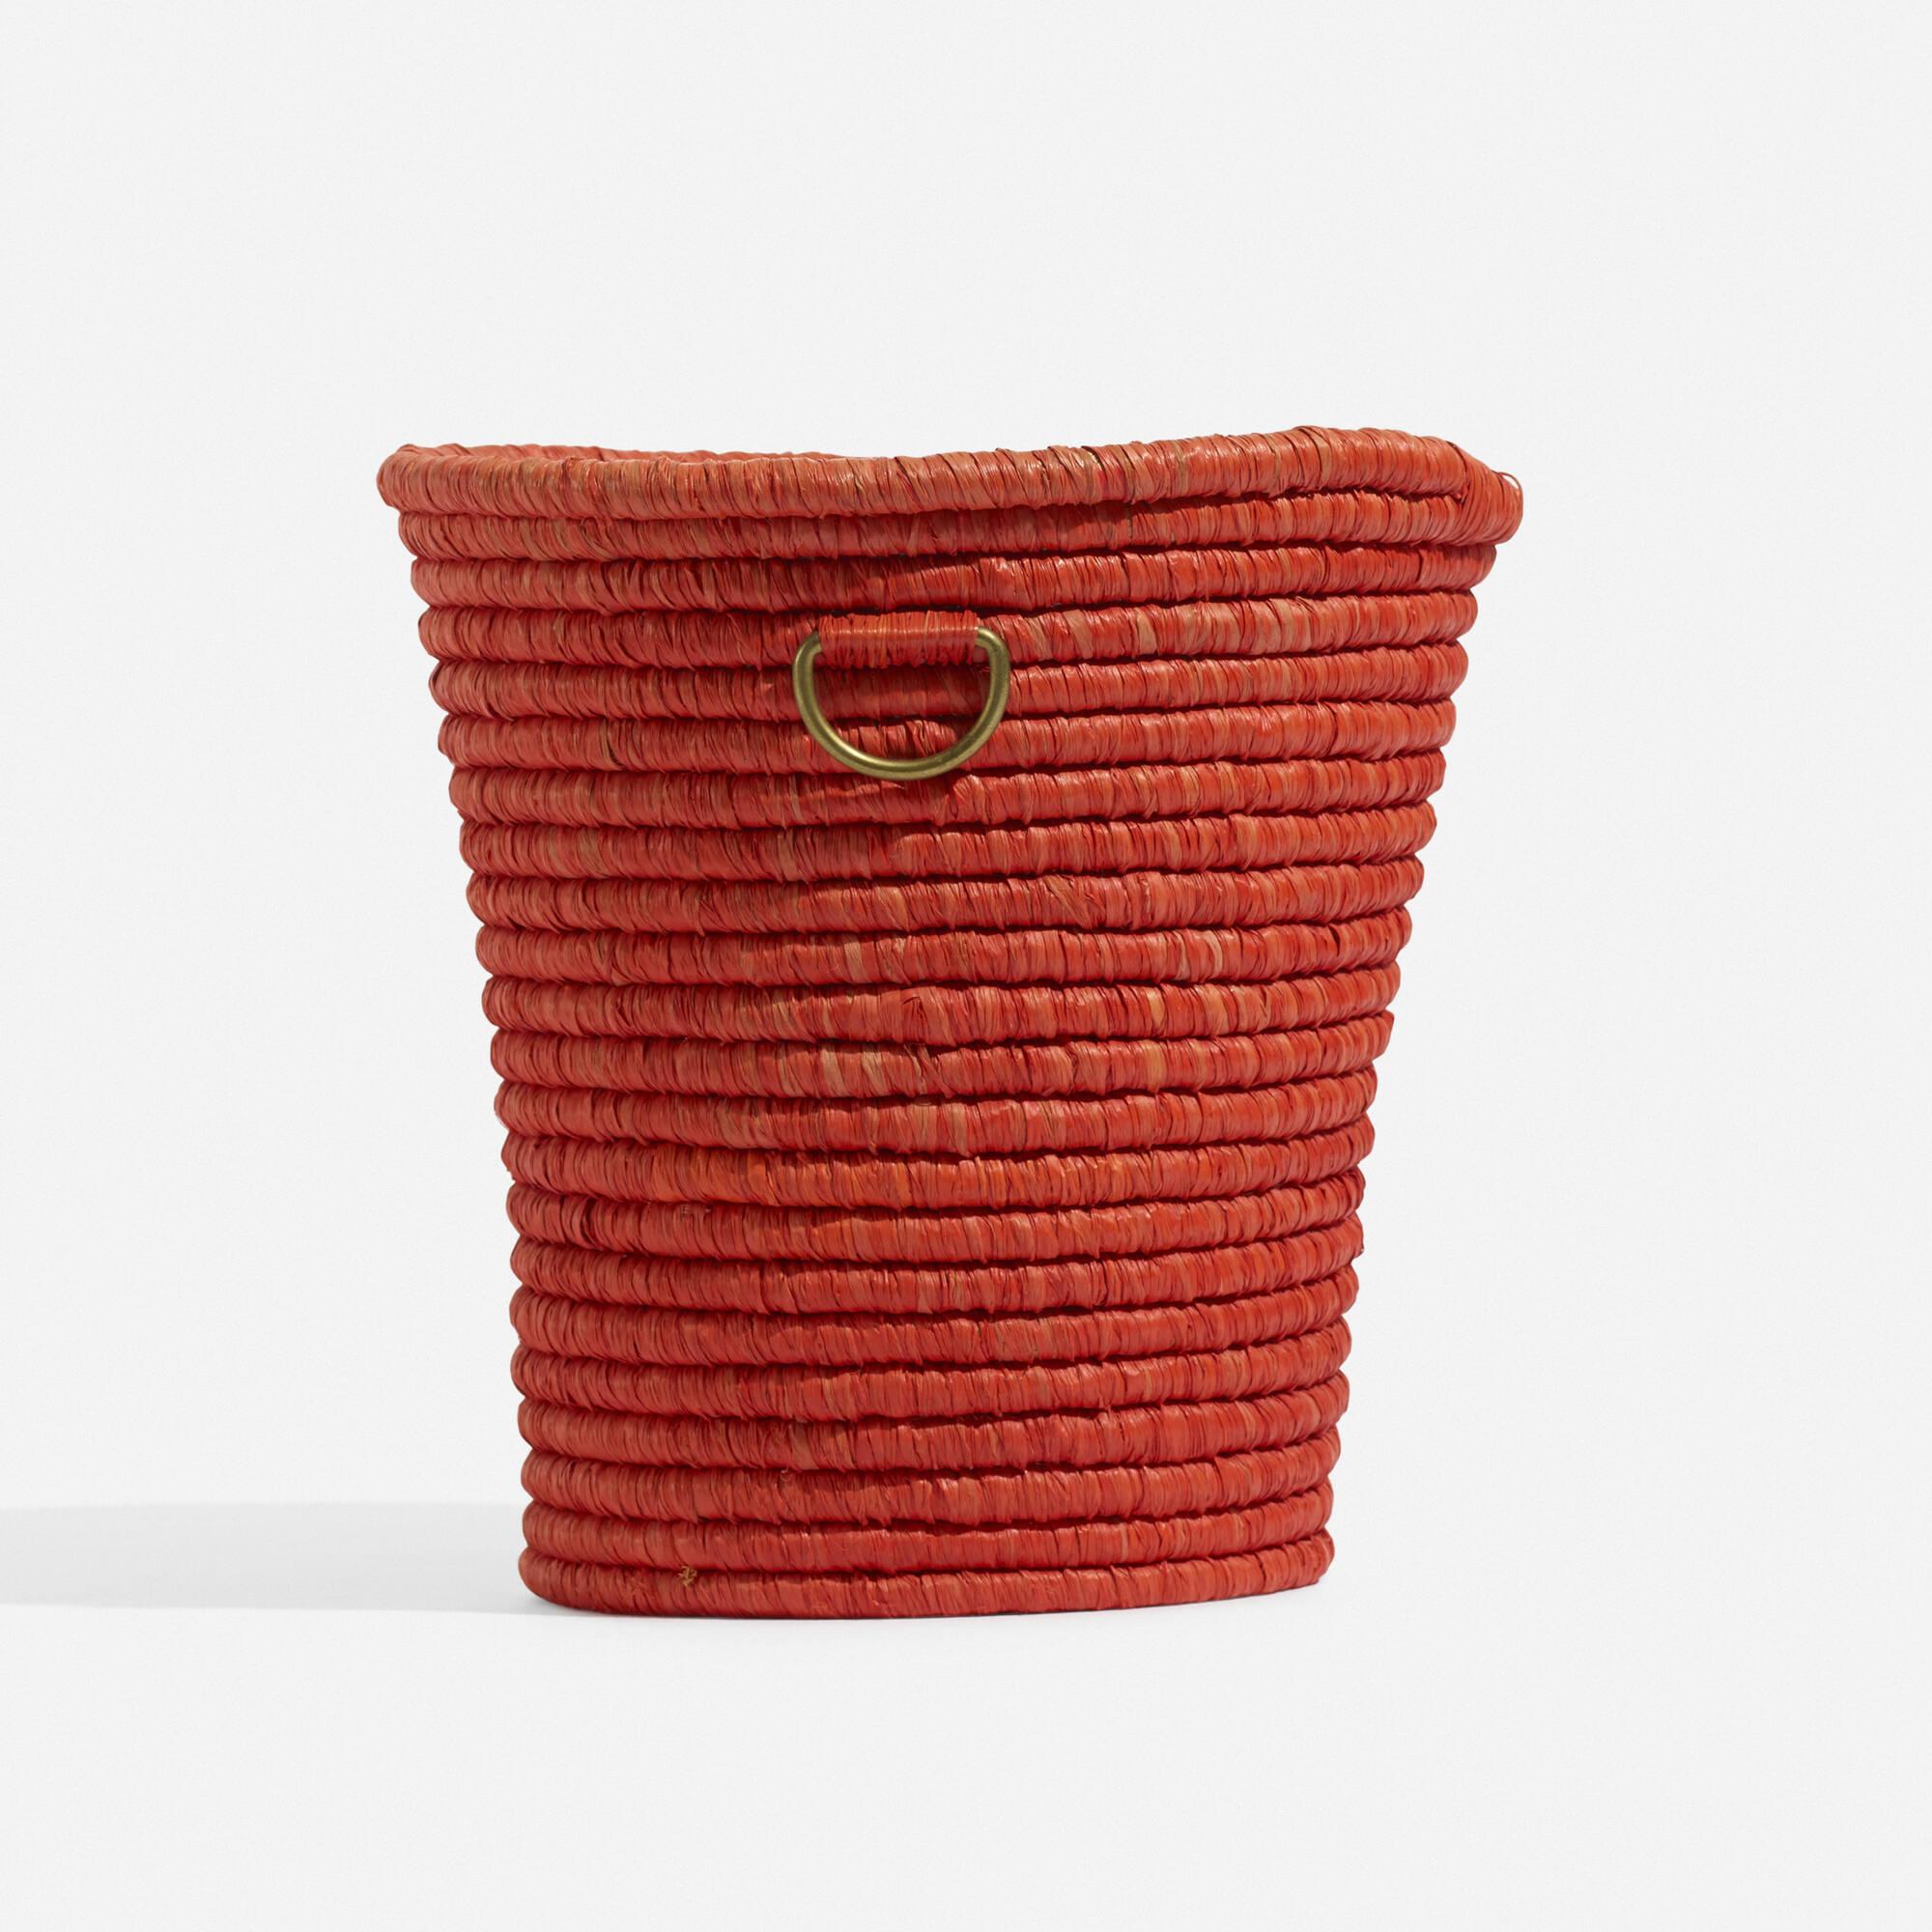 127: Carl Auböck II / wastepaper basket (1 of 2)